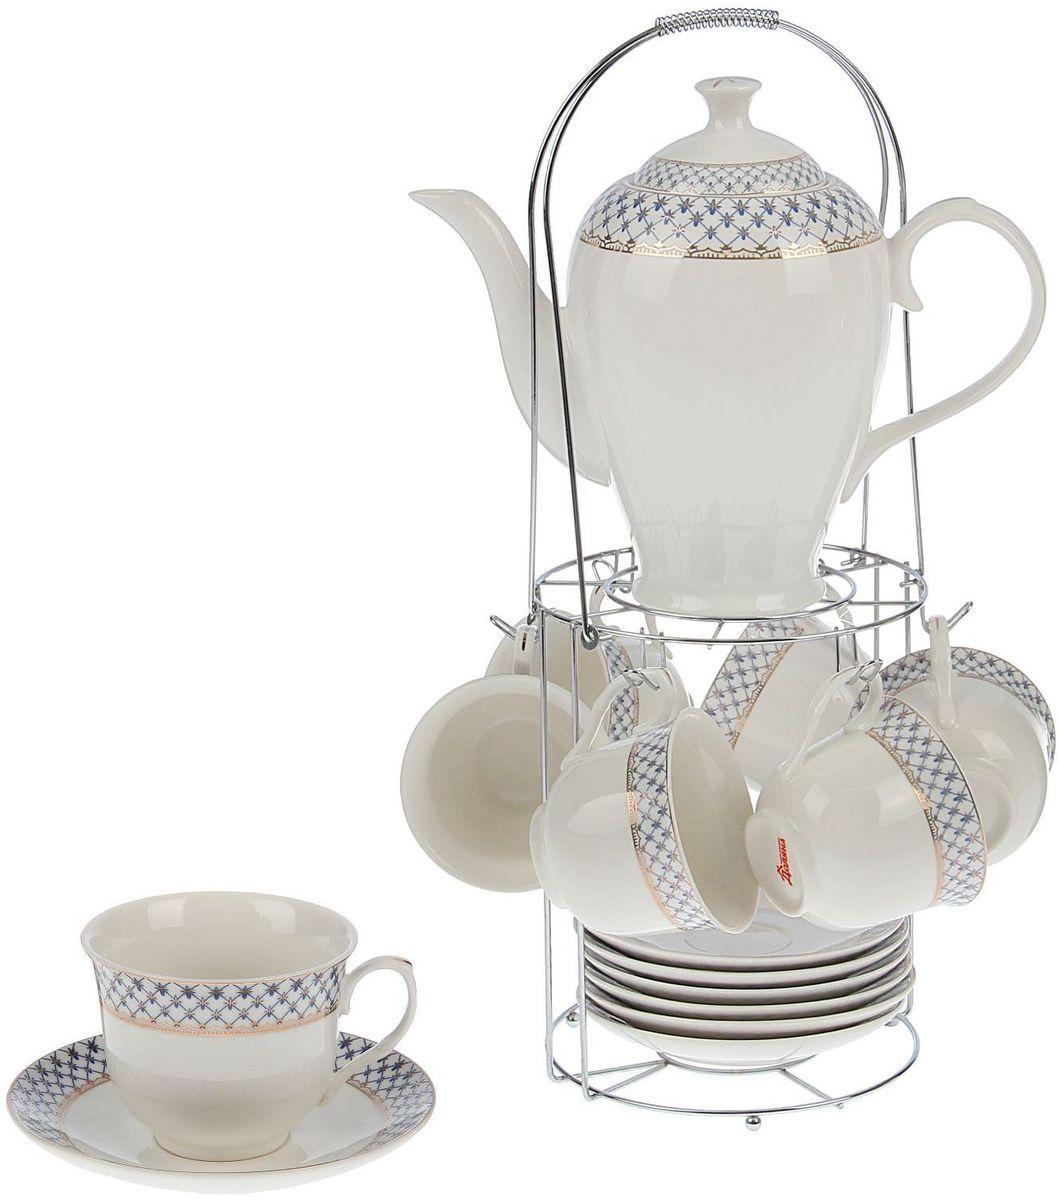 Сервиз чайный Доляна Рим, 13 предметов1405187Оригинальный сервиз привносит в дом атмосферу необыкновенного уюта и гостеприимства. Предметы выполнены из особо прочного фарфора с добавлением костного порошка. Посуда проходит несколько этапов обжига. Нежный рисунок сохраняет насыщенность цвета долгое время. Золотистый кант — дань уважения классическим традициям. Элегантная упаковка делает набор прекрасным подарком близкому человеку. Правила ухода Мойте изделия вручную. Насухо протирайте. Не ставьте в СВЧ-печь. Пусть каждое чаепитие превратится в праздник!